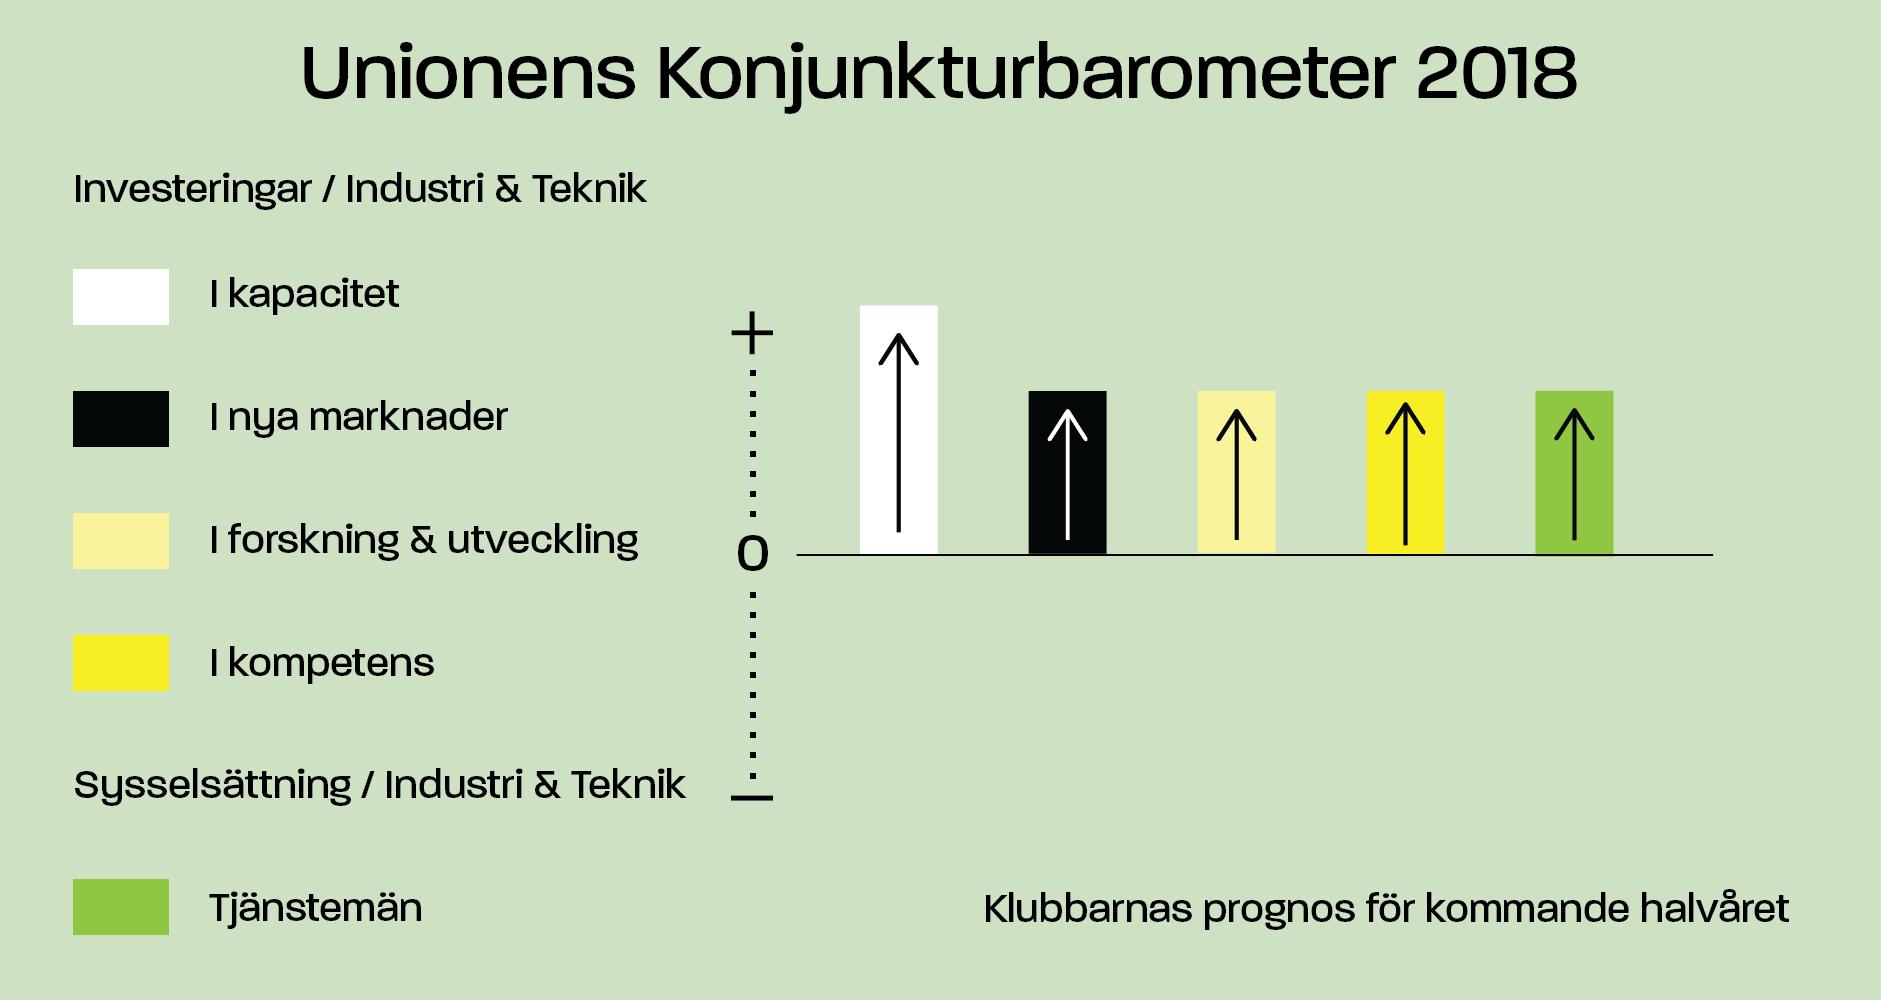 Unionens konjunkturbarometer Industri & Teknik (investeringar och sysselsättning)